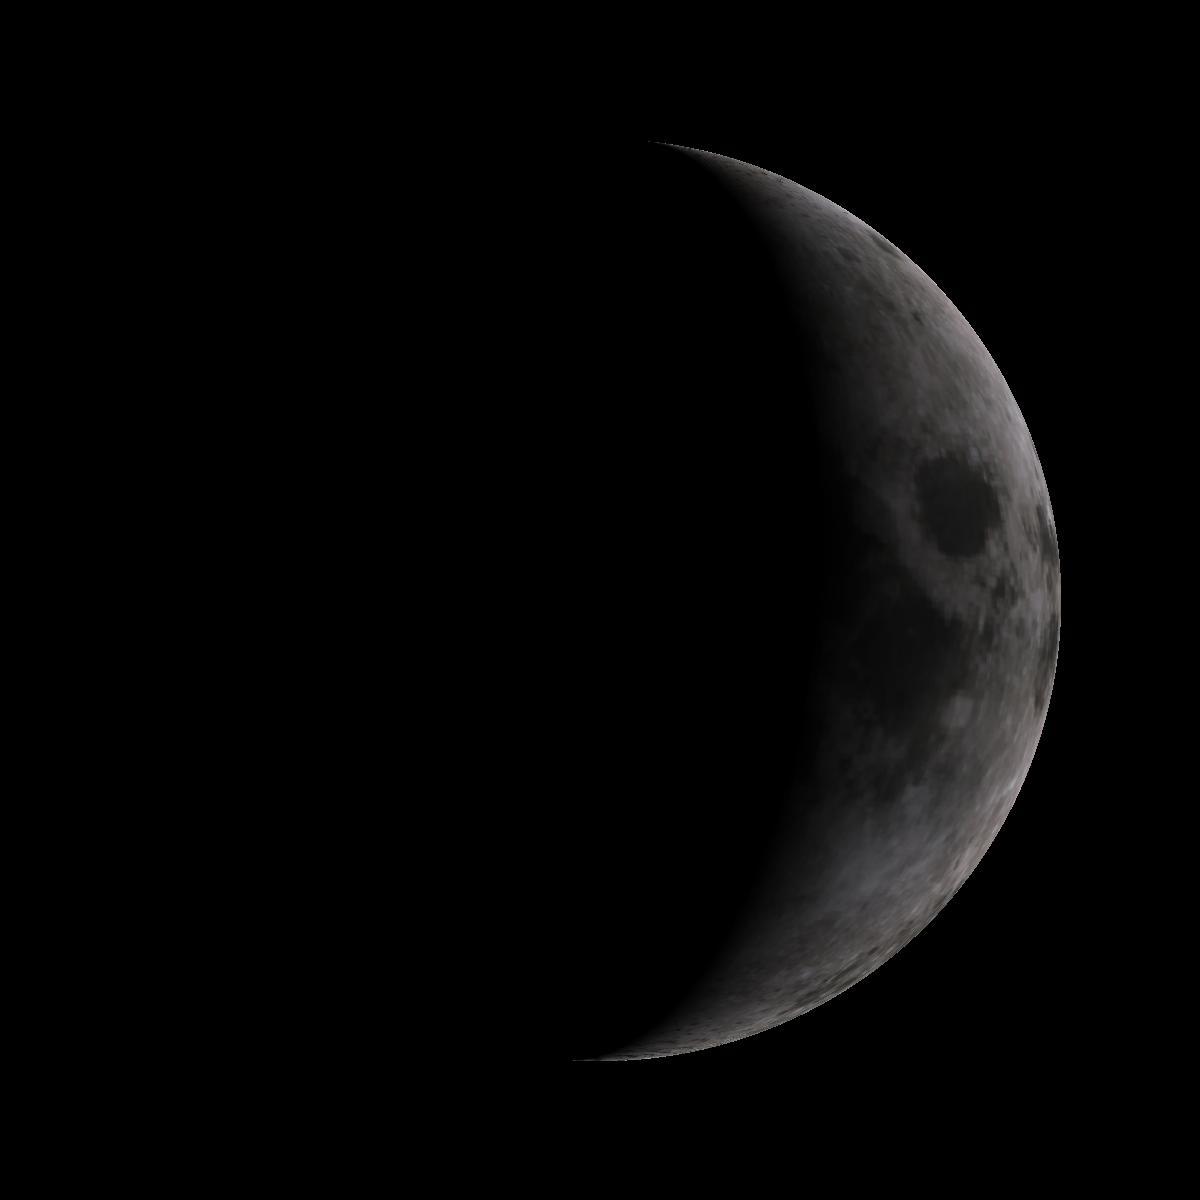 Lune du 2 novembre 2019